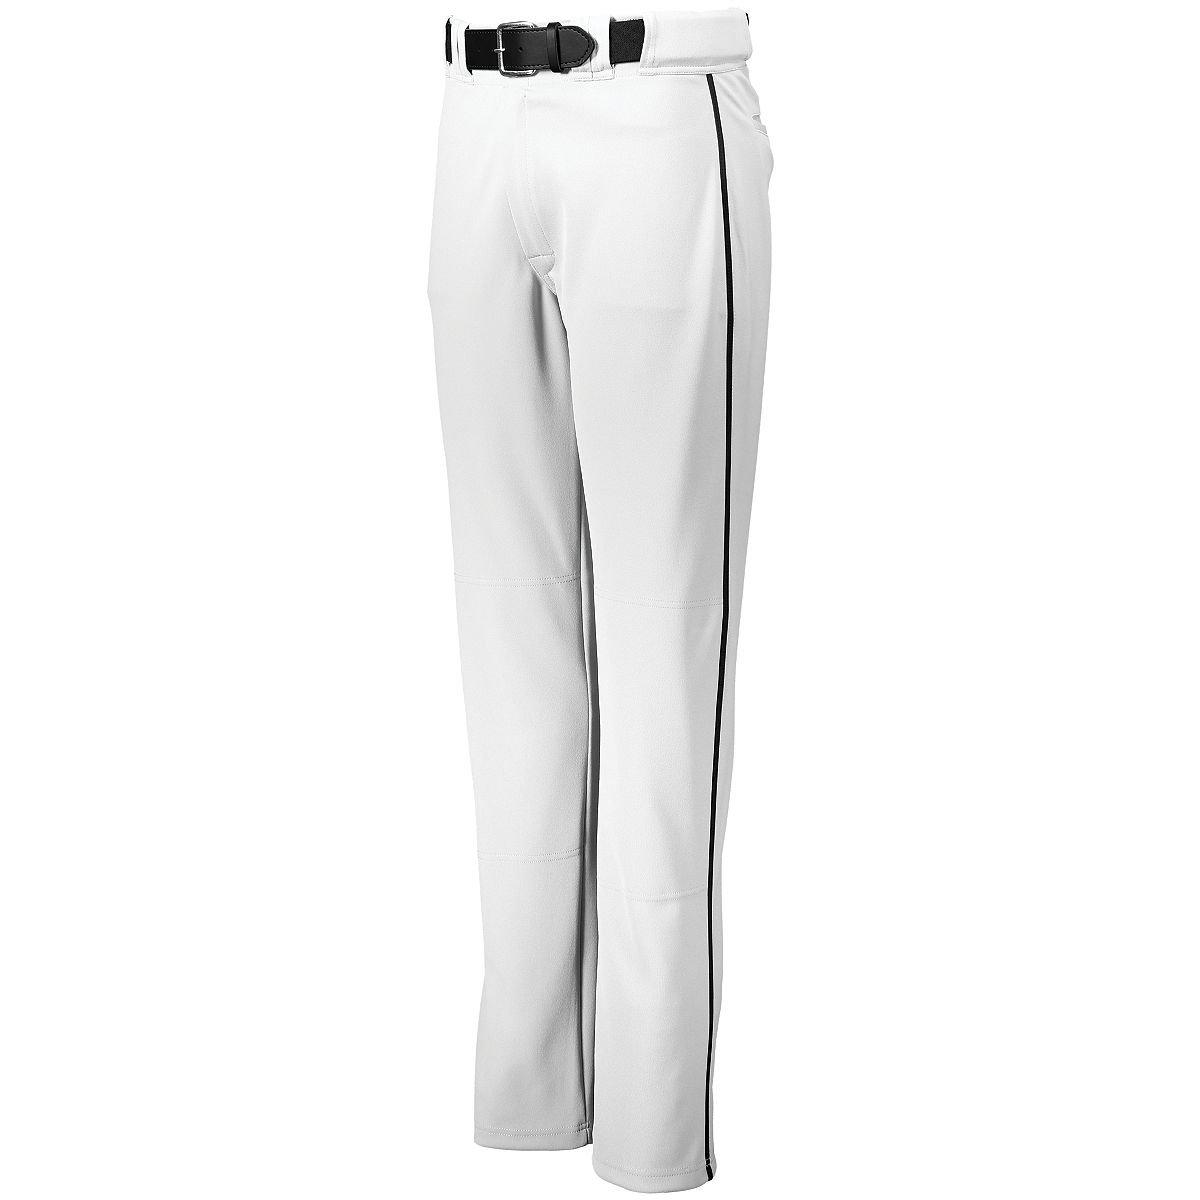 メンズPiped BackstopパンツHollowayスポーツウェア B075TG7SB1 XXX-Large|ホワイト/ブラック ホワイト/ブラック XXX-Large